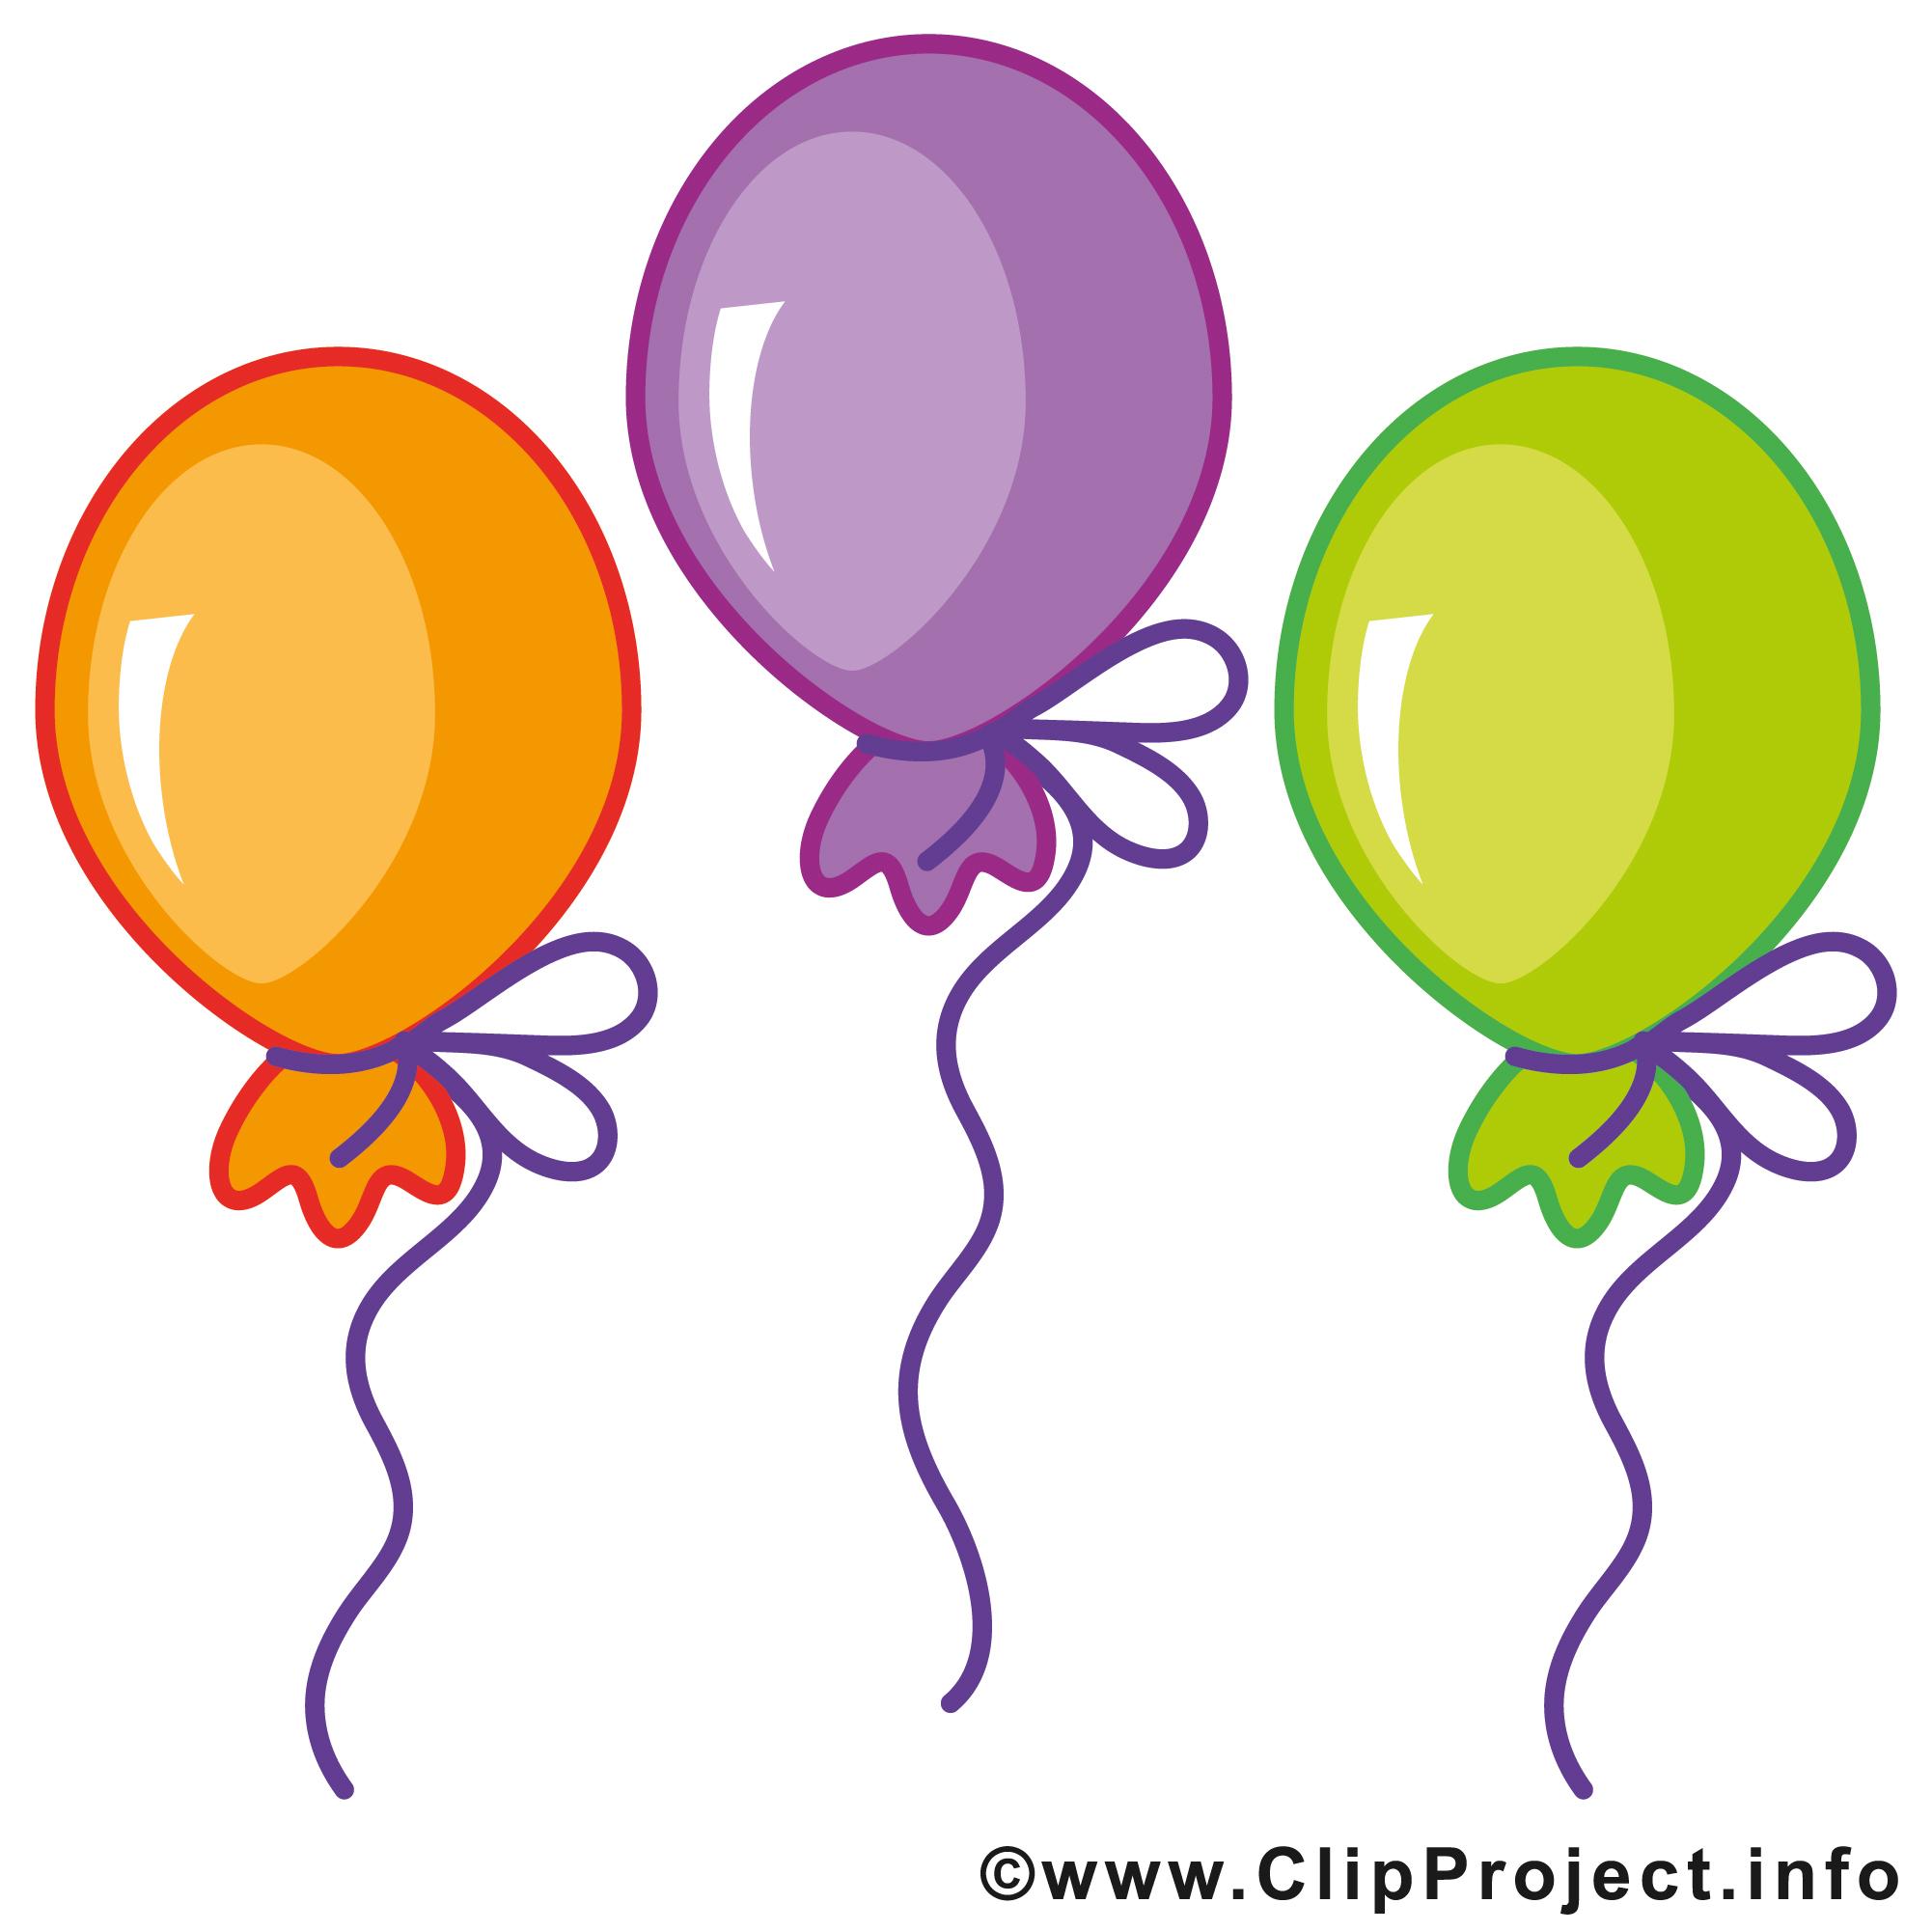 Ballons dessins gratuits anniversaire clipart cartes - Clipart anniversaire gratuit ...